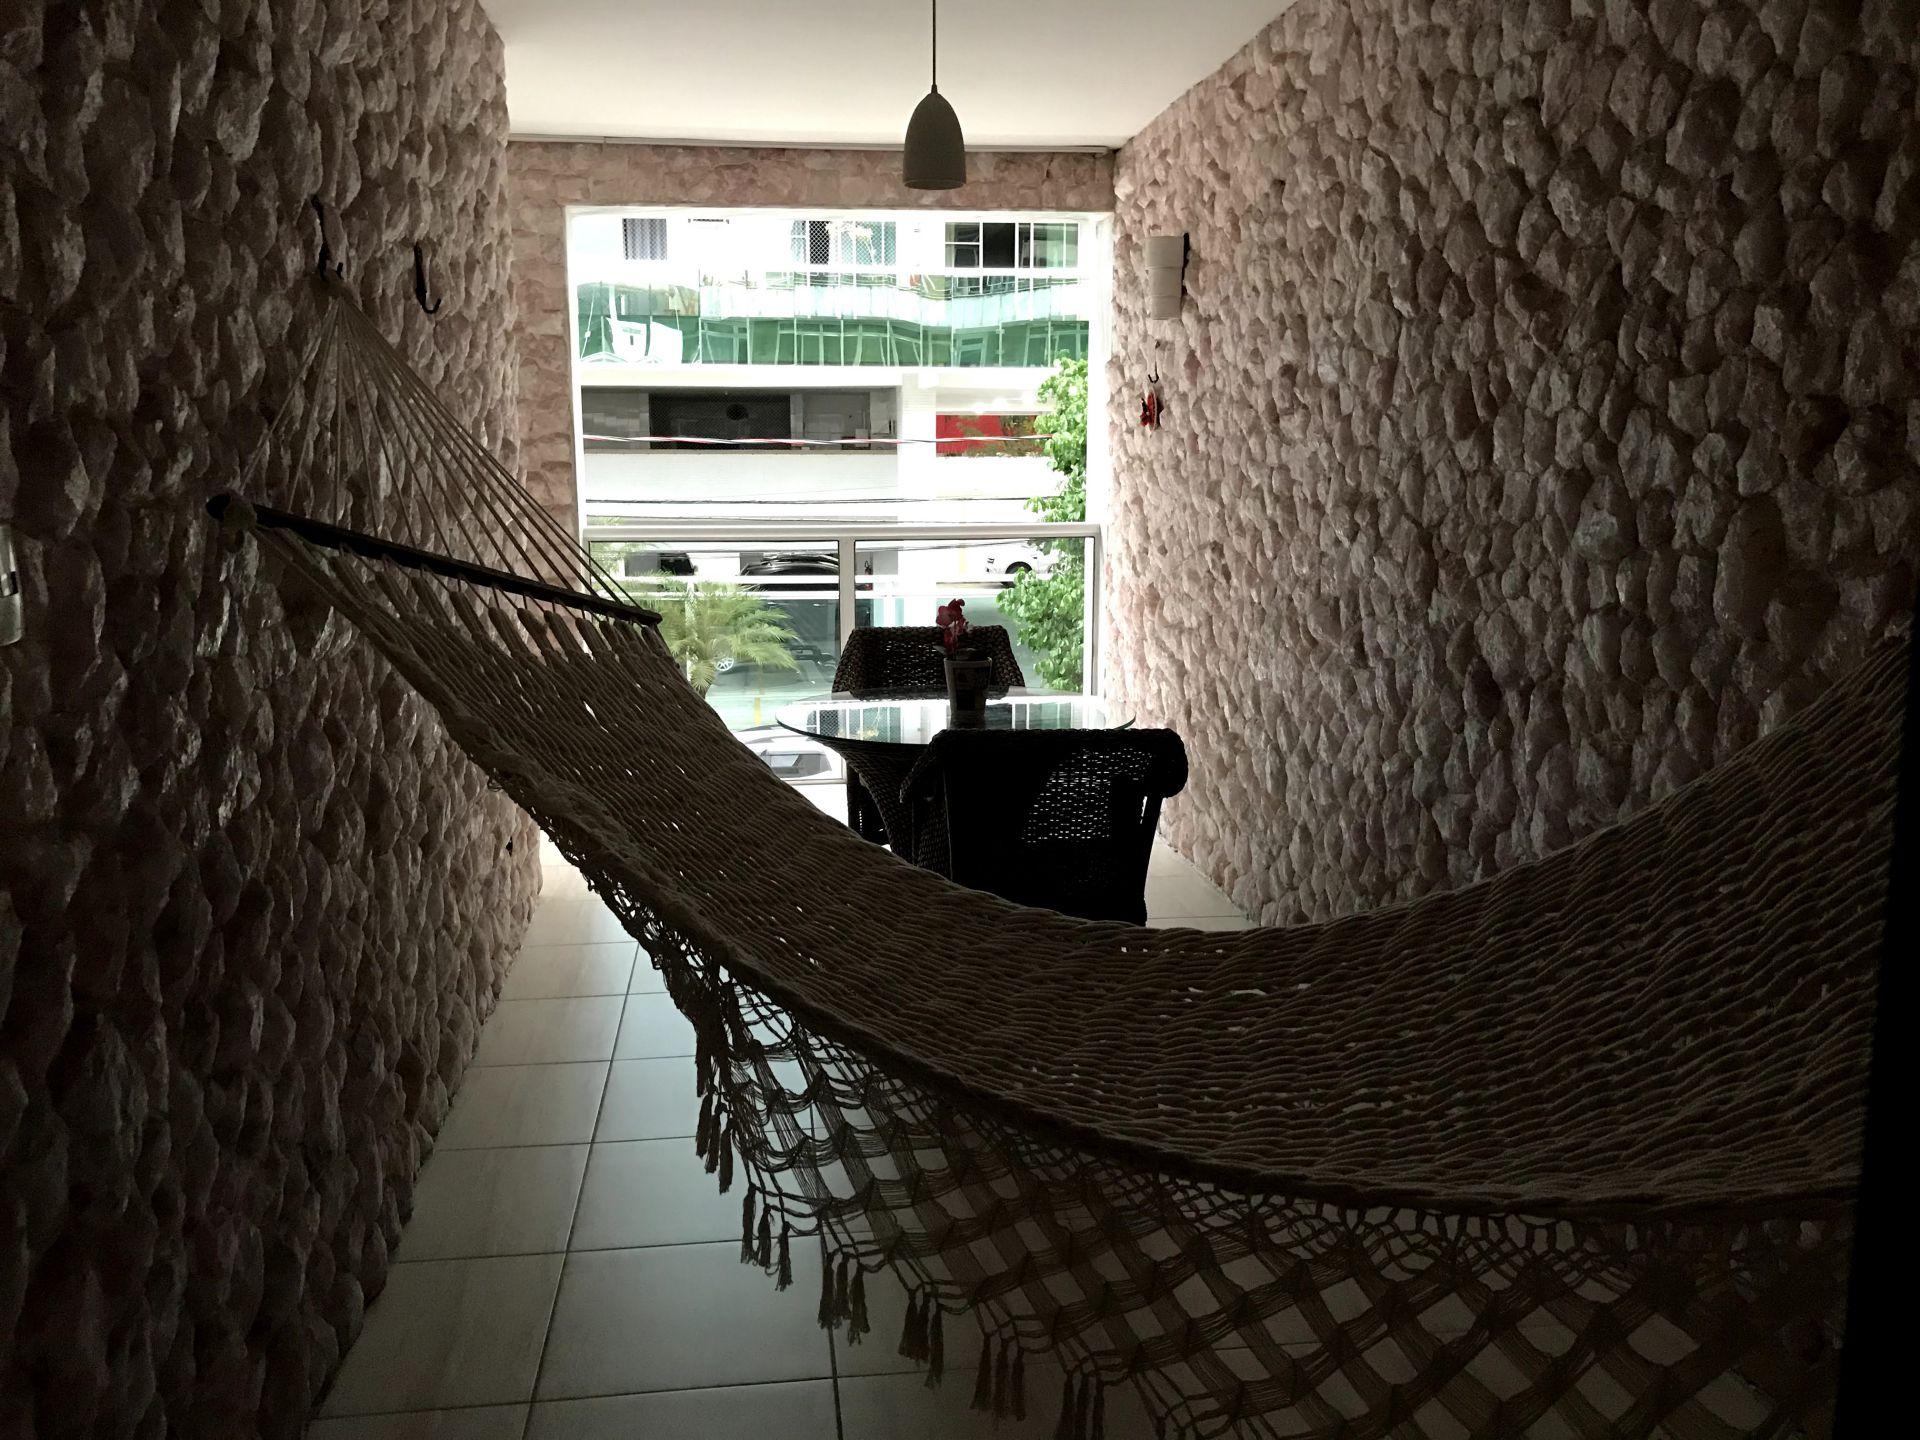 FOTO 16 - Casa em Condomínio à venda Rua Rosário Oeste,Vila Valqueire, Rio de Janeiro - R$ 1.500.000 - RF257 - 17